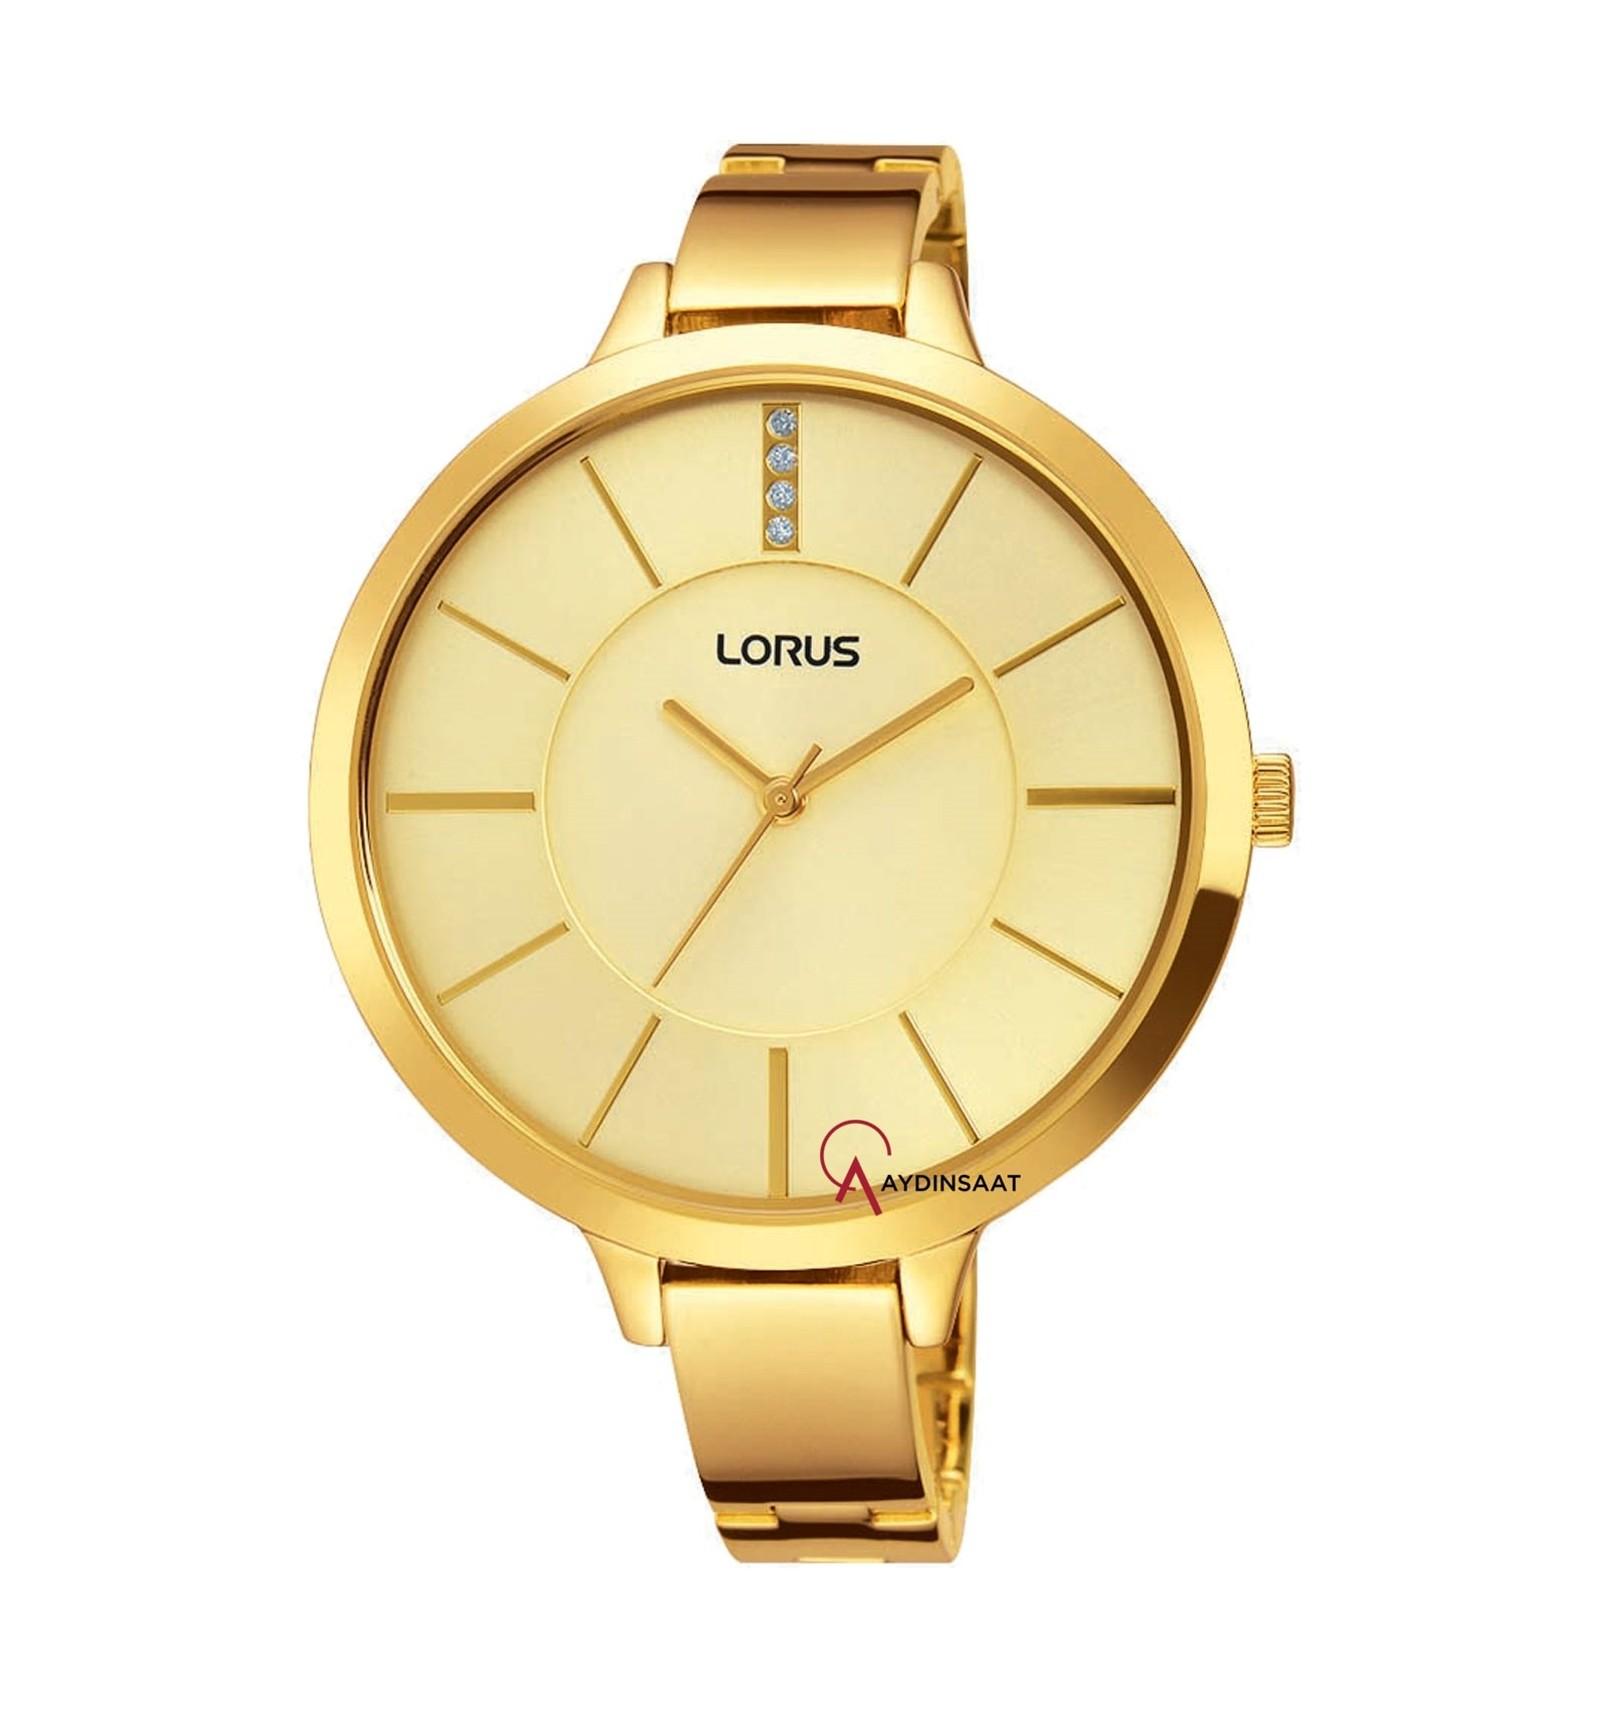 Мужские наручные часы Lorus - svstimeru